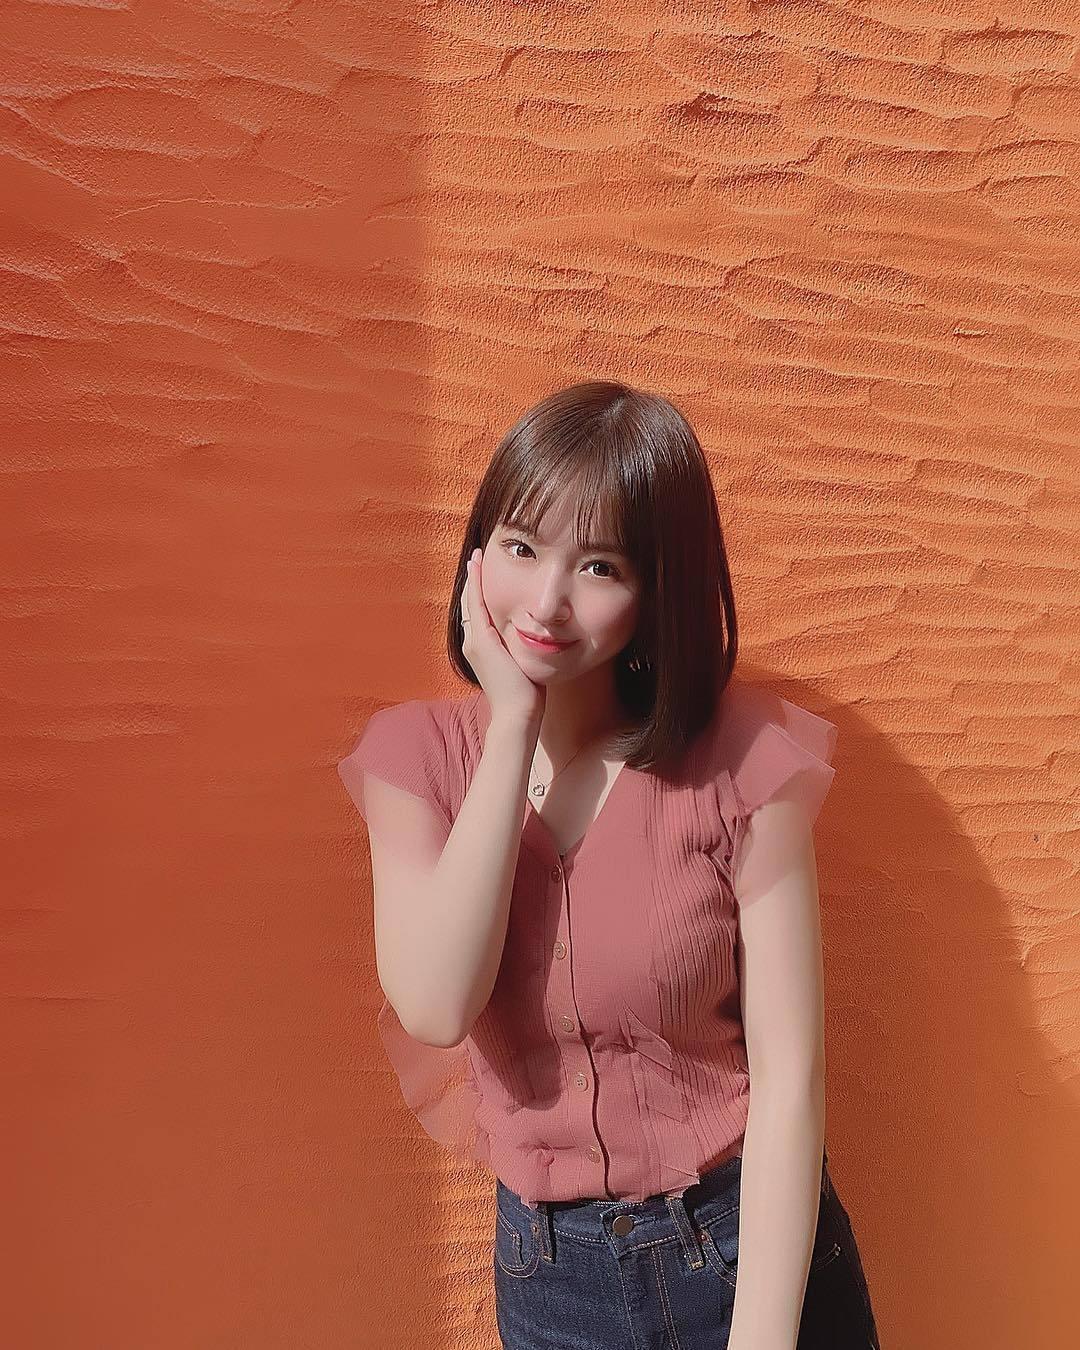 偶像近藤里奈,超清新笑容却拍了性感写真 网络美女 第11张